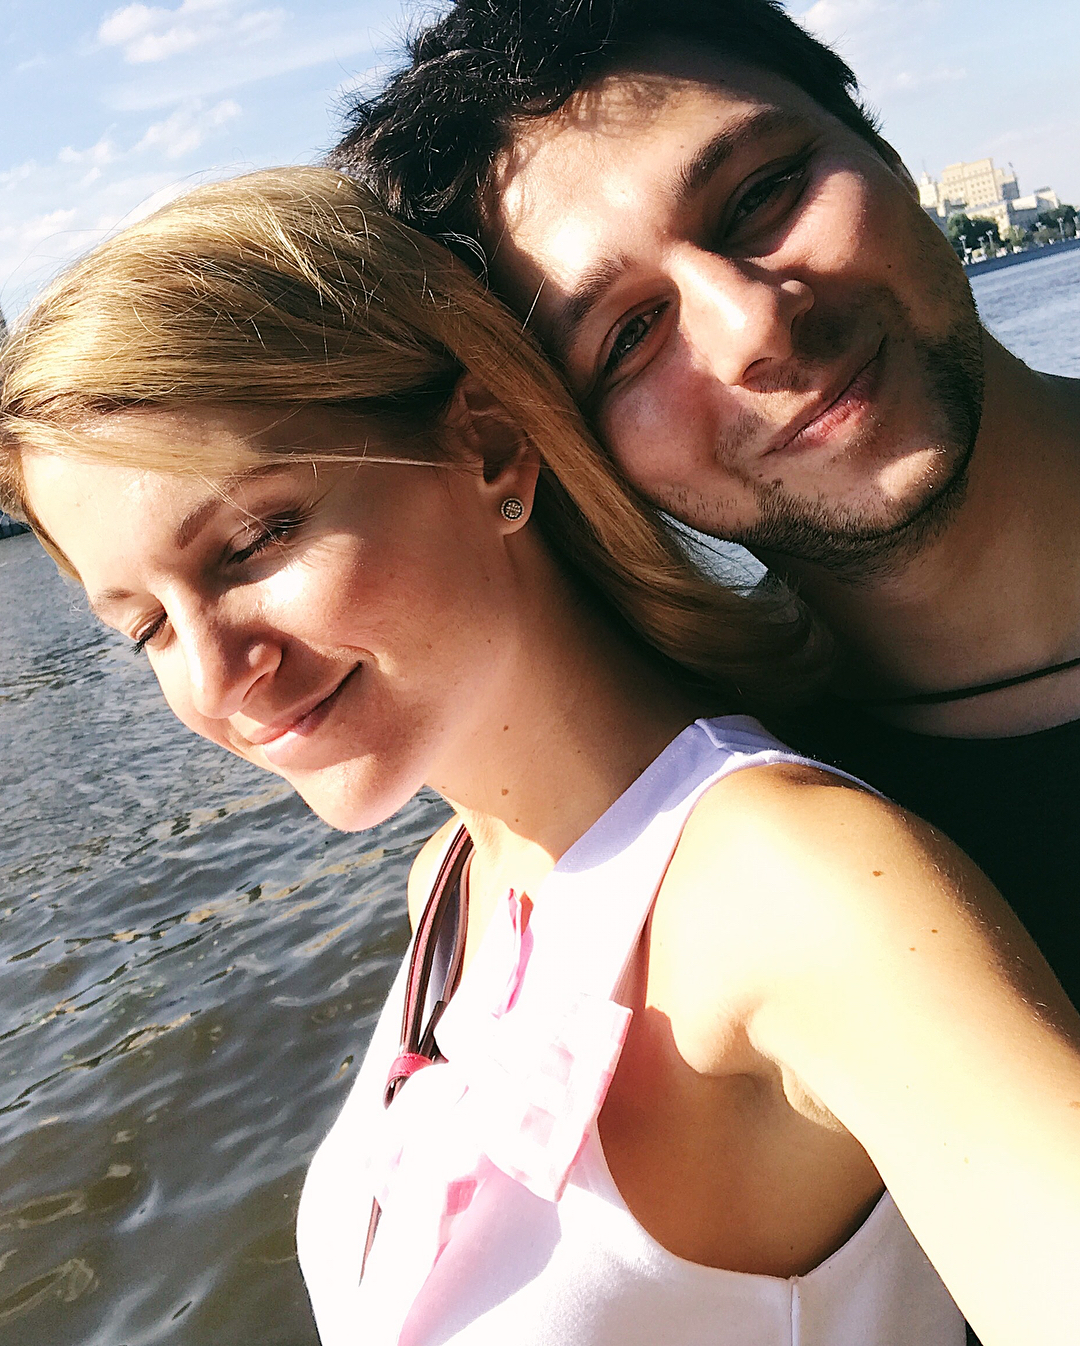 Женя Малахова: Я, капец, какой счастливый человек. Мои друзья  не умещаются в ленте. Вчера был день дружбы, но на самом деле, дружба не имеет пола и времени. Я не стану говорить вам спасибо, а просто буду наслаждаться вами.  Люблю вас, Мои 24/7! #friendship   @k...